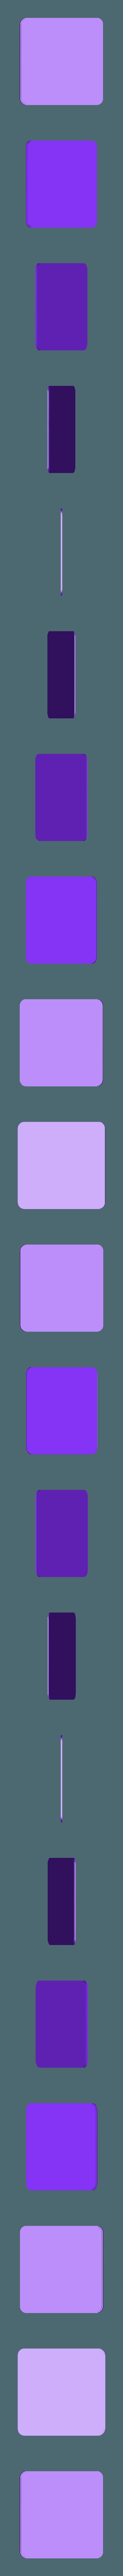 light-diffuser.STL Télécharger fichier STL gratuit Eclairage de studio pour la macrophotographie (mise à jour) • Objet à imprimer en 3D, perinski